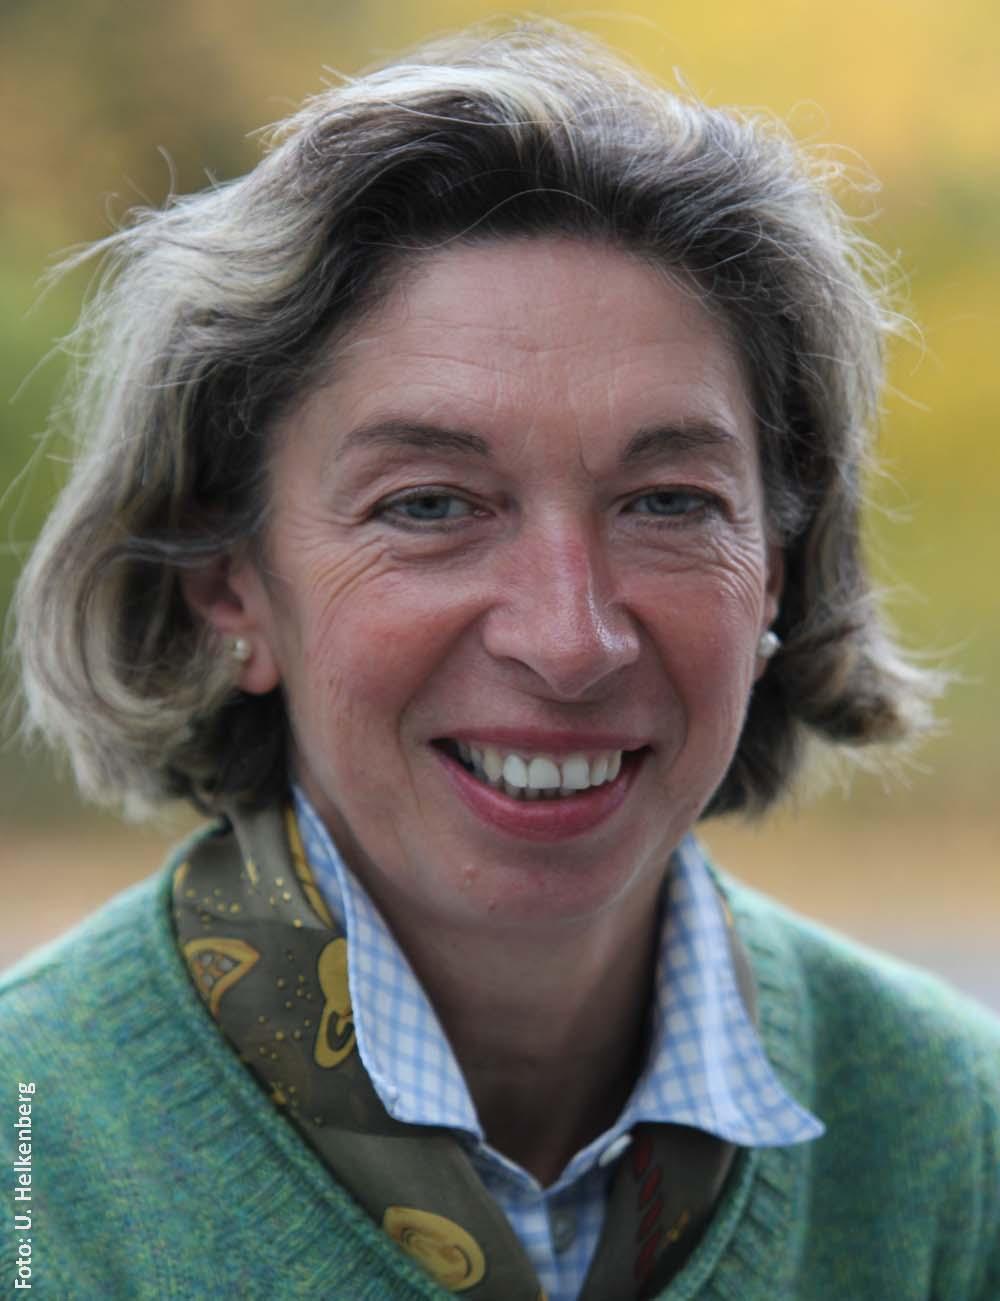 Eva Lempa-Röller, Referentin der FN-Abteilung Ausbildung, hat das Mentorensystem mit entwickelt.